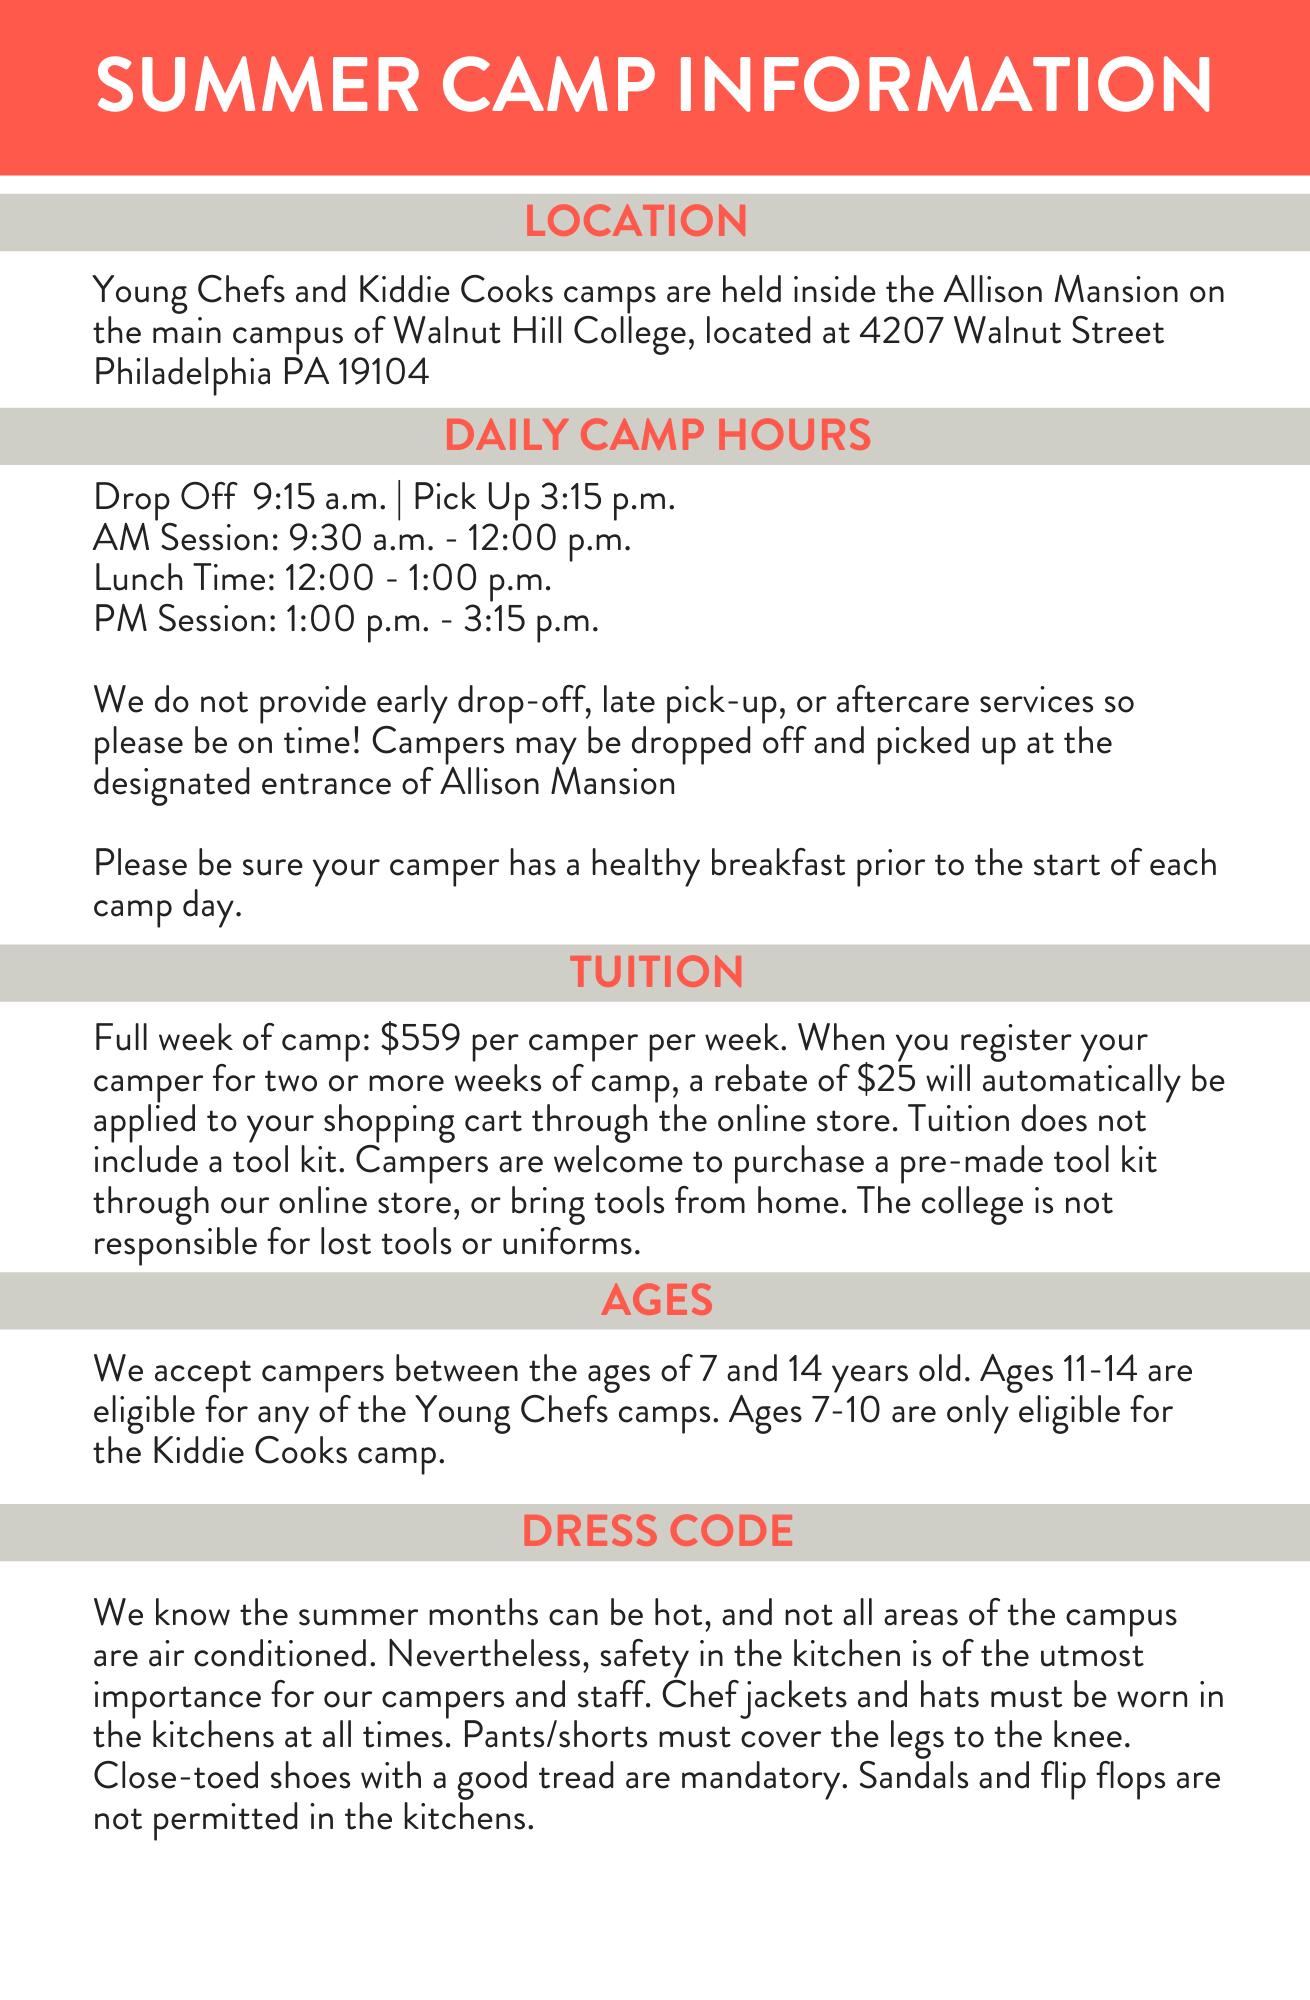 summer-camp-information.png